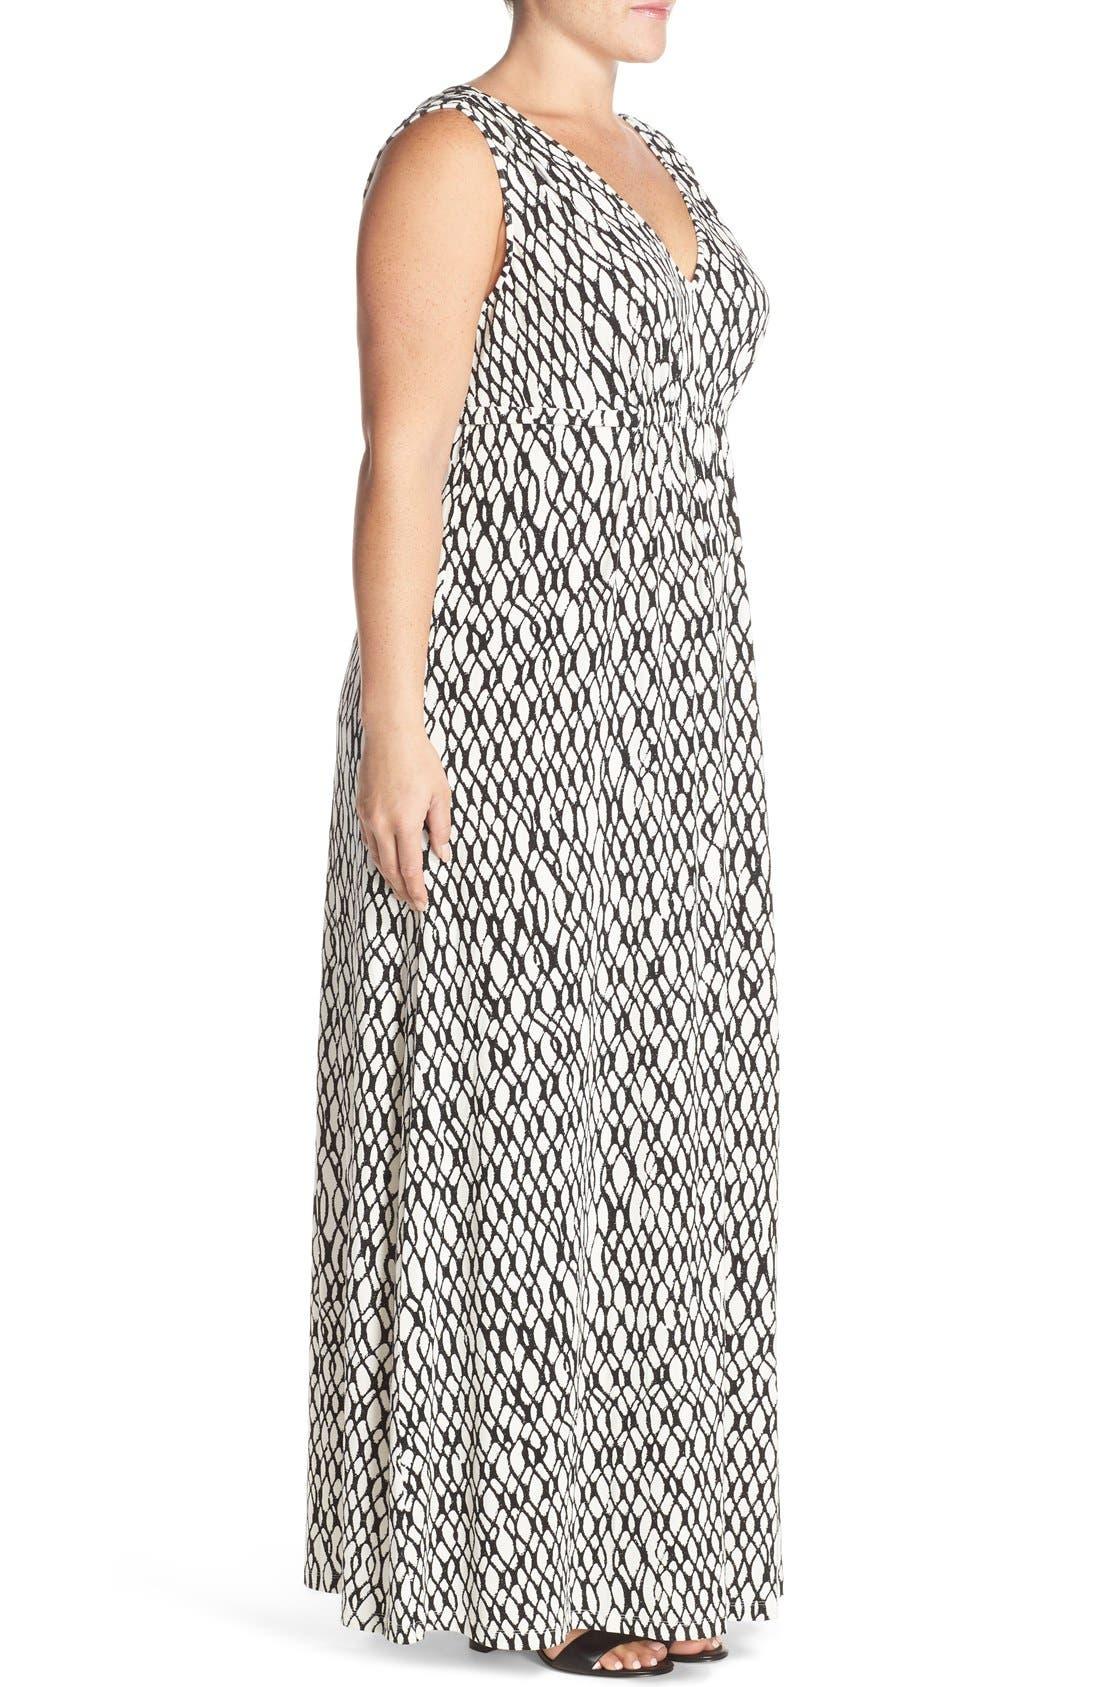 Grecia Sleeveless Jersey Maxi Dress,                             Alternate thumbnail 32, color,